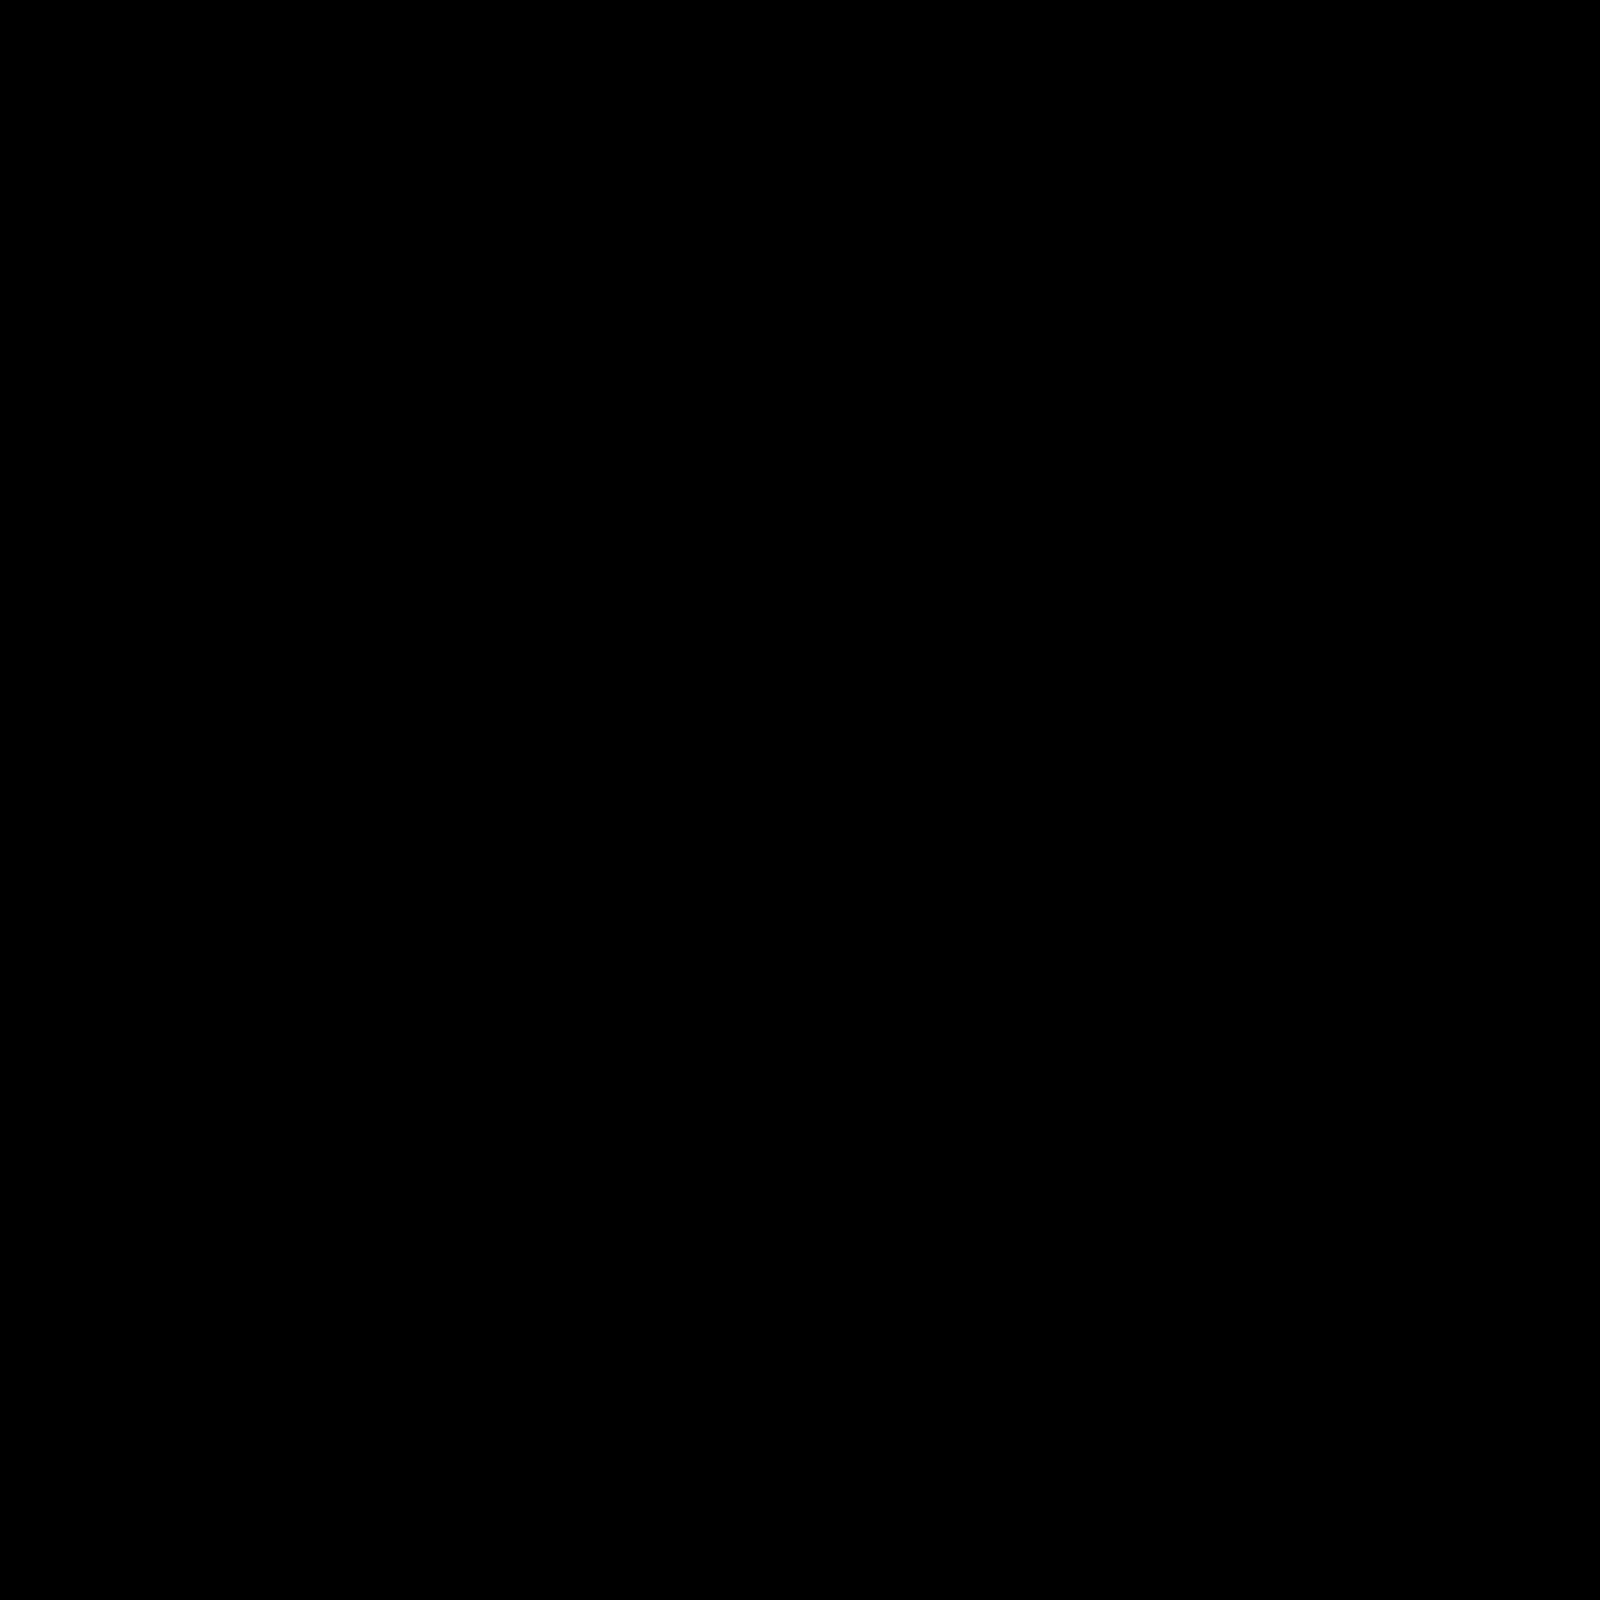 スプレーペイント icon. The icon is a simplified depiction of a device used to spray paint using gas accelerant  The tool has a pistol grip, with the body of the device ending in a rectangle separating the nozzle from the body. A tank extends upward to hold the paint being sprayed.